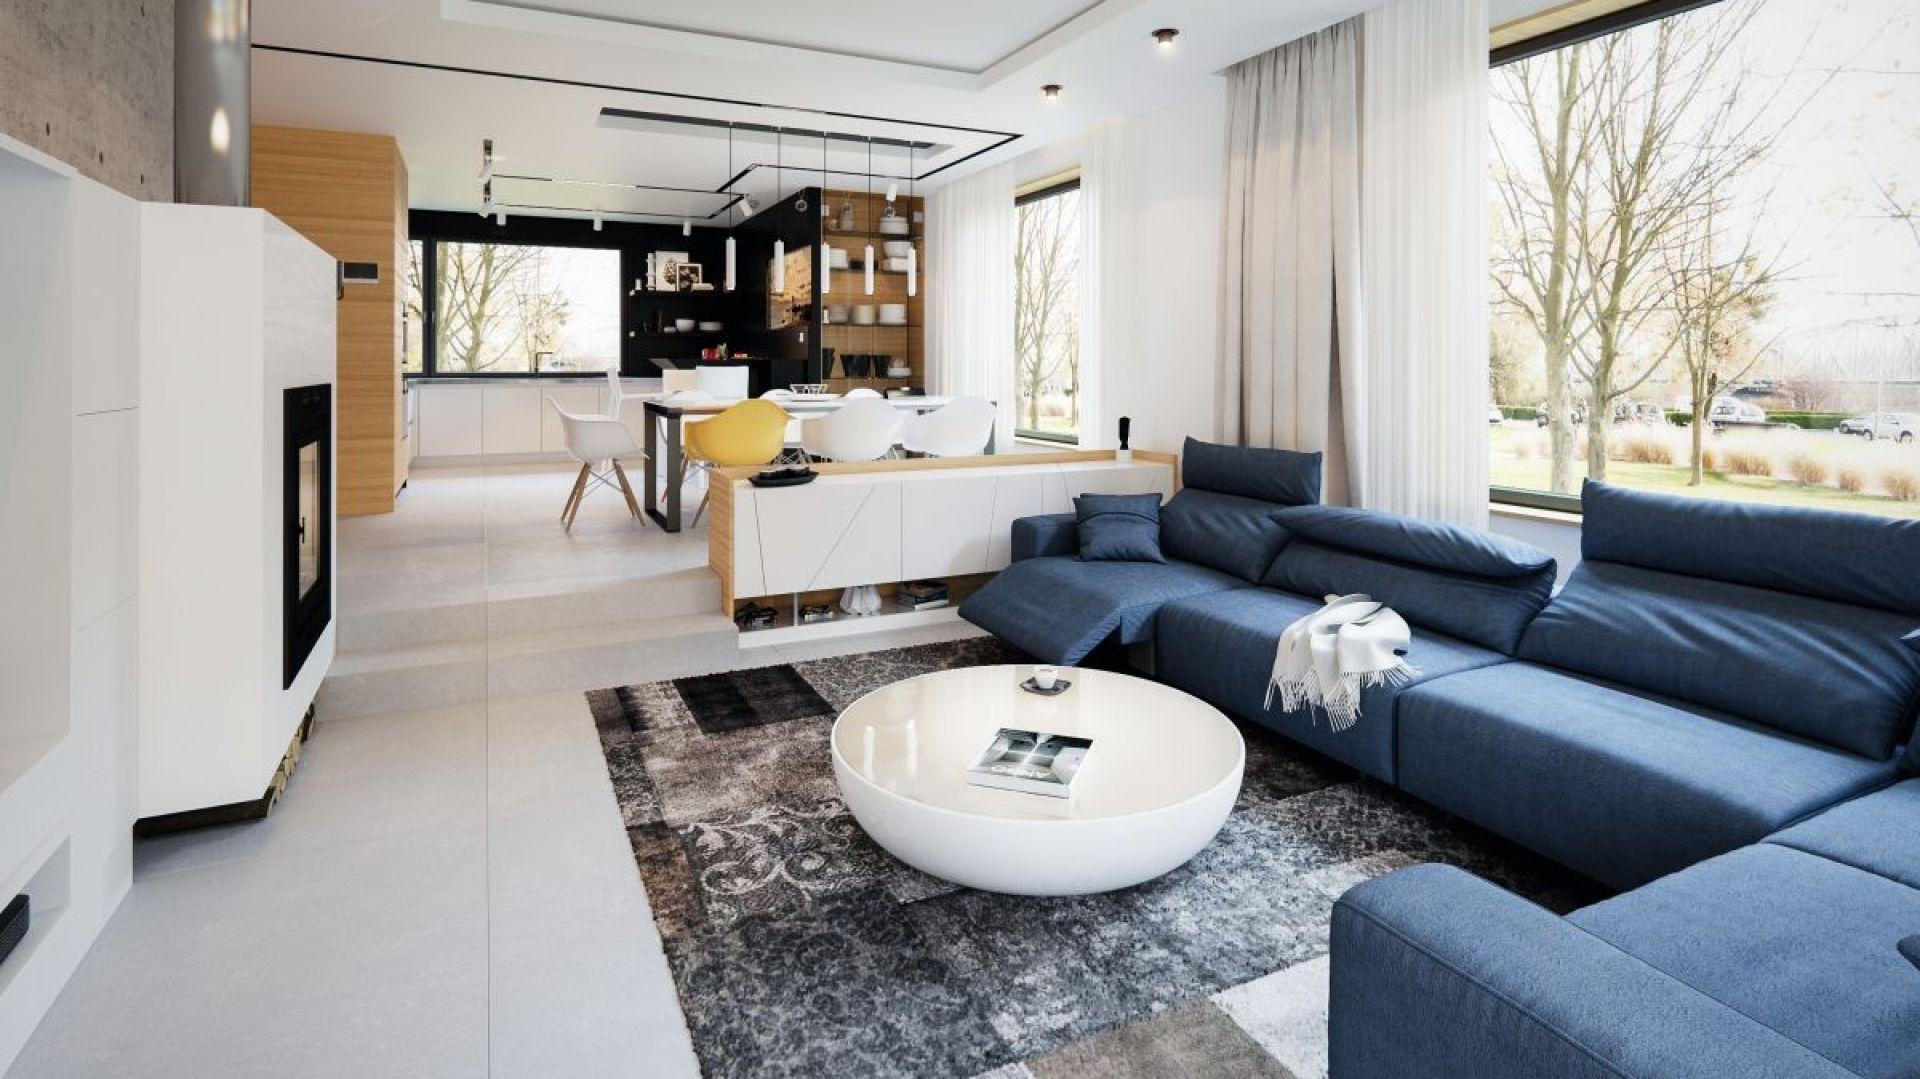 Centralne miejsce w salonie zajmują meble wypoczynkowe w modnym granatowym odcieniu. Fot. Archetyp